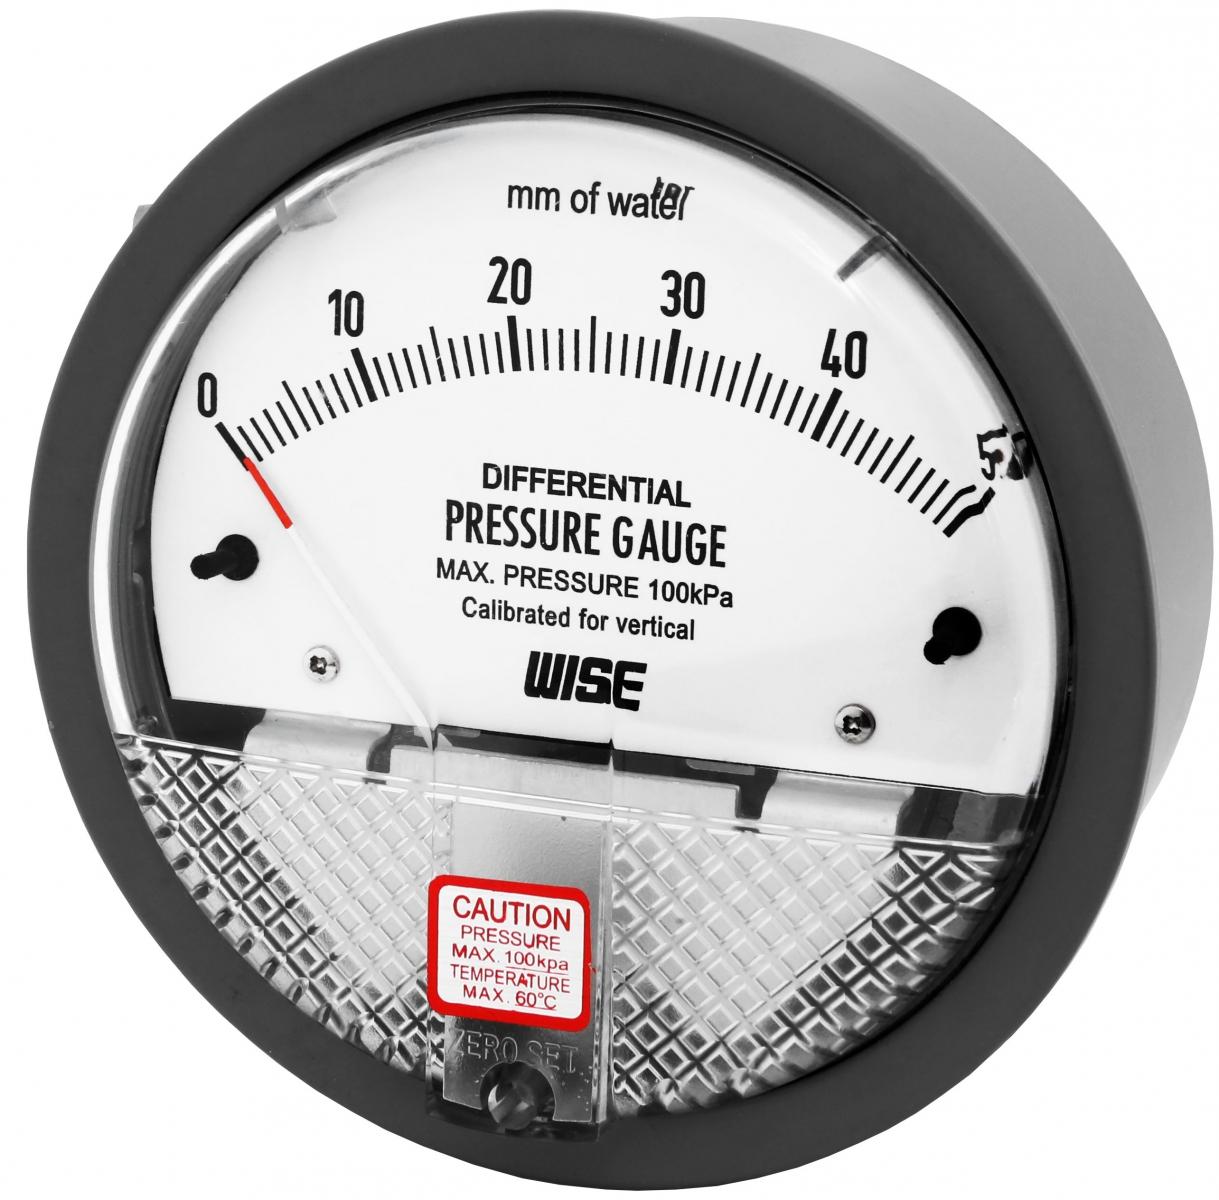 Đồng hồ đo chênh áp Wise P880 - Thiết bị đo chênh áp P880 - Wise Control Việt Nam